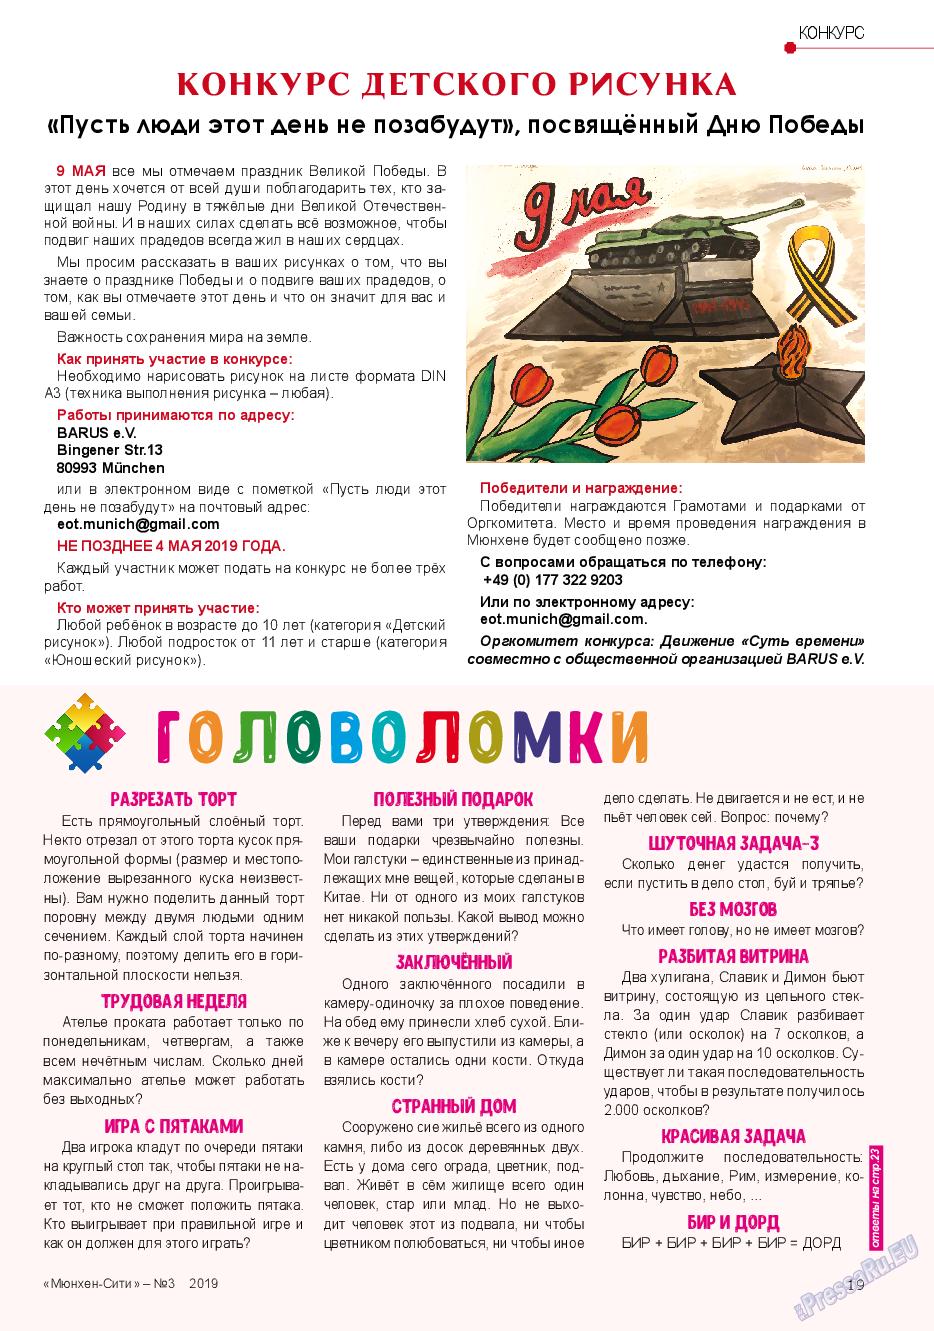 Мюнхен-сити (журнал). 2019 год, номер 91, стр. 19